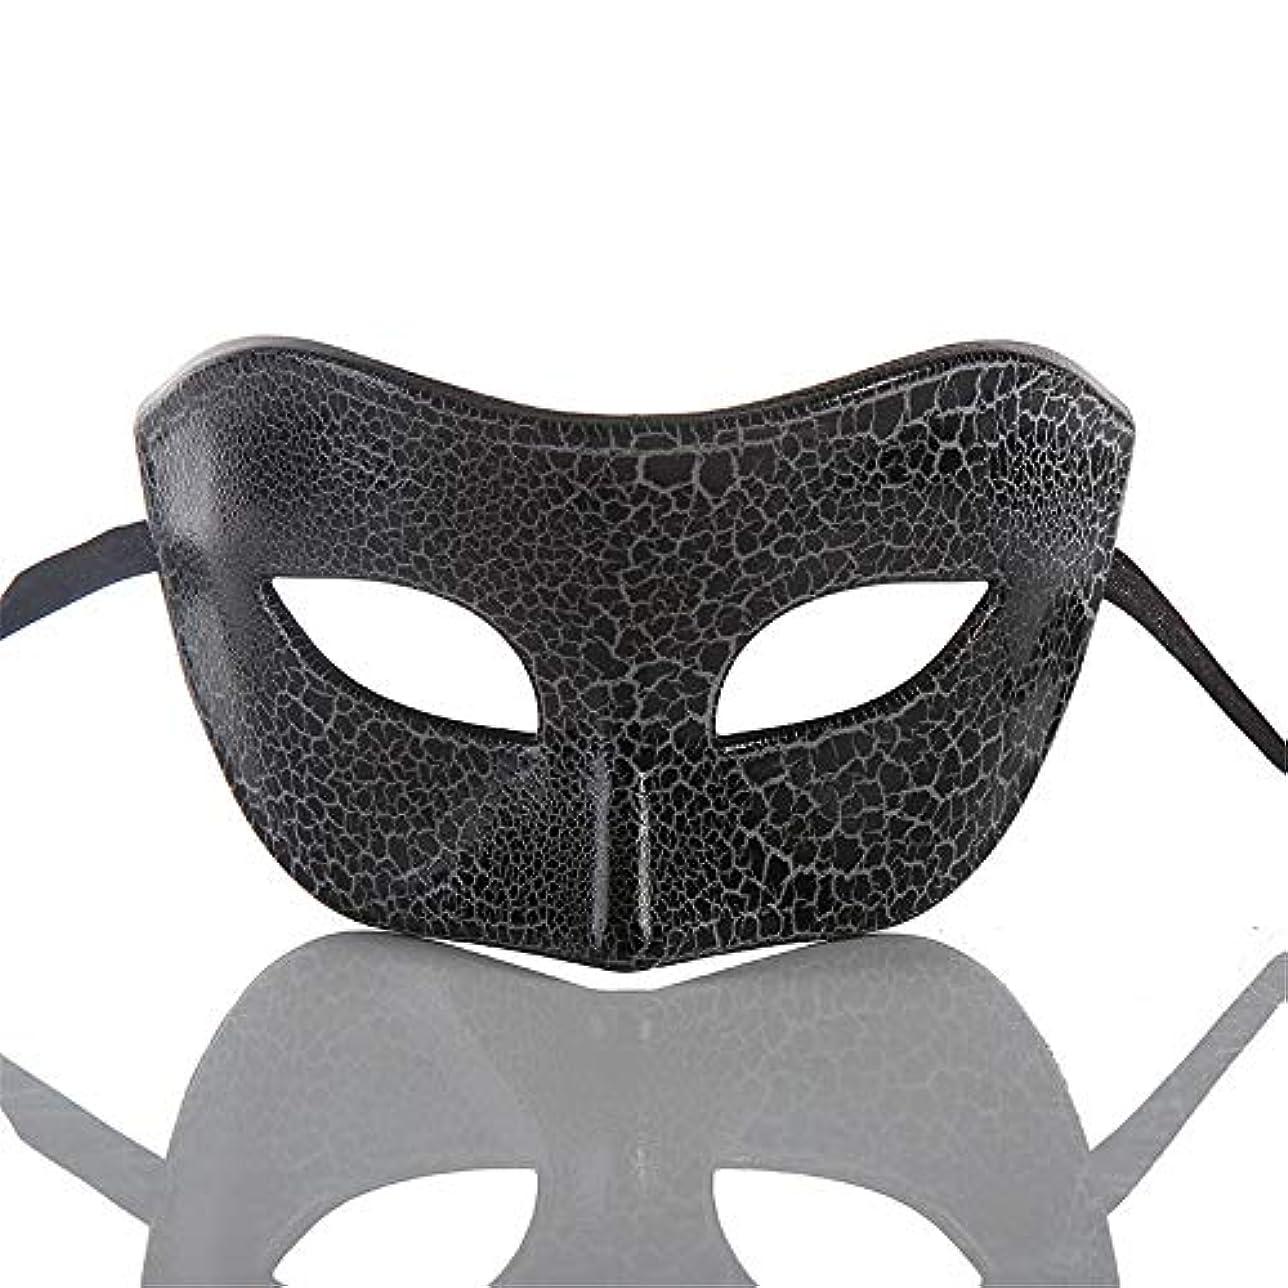 ヘッジ恐竜流体ダンスマスク ハーフマスク新しいハロウィーンマスク仮装レトロコスプレメイクナイトクラブマスク雰囲気クリスマスお祝いプラスチックマスク ホリデーパーティー用品 (色 : ブラック, サイズ : 16.5x8cm)